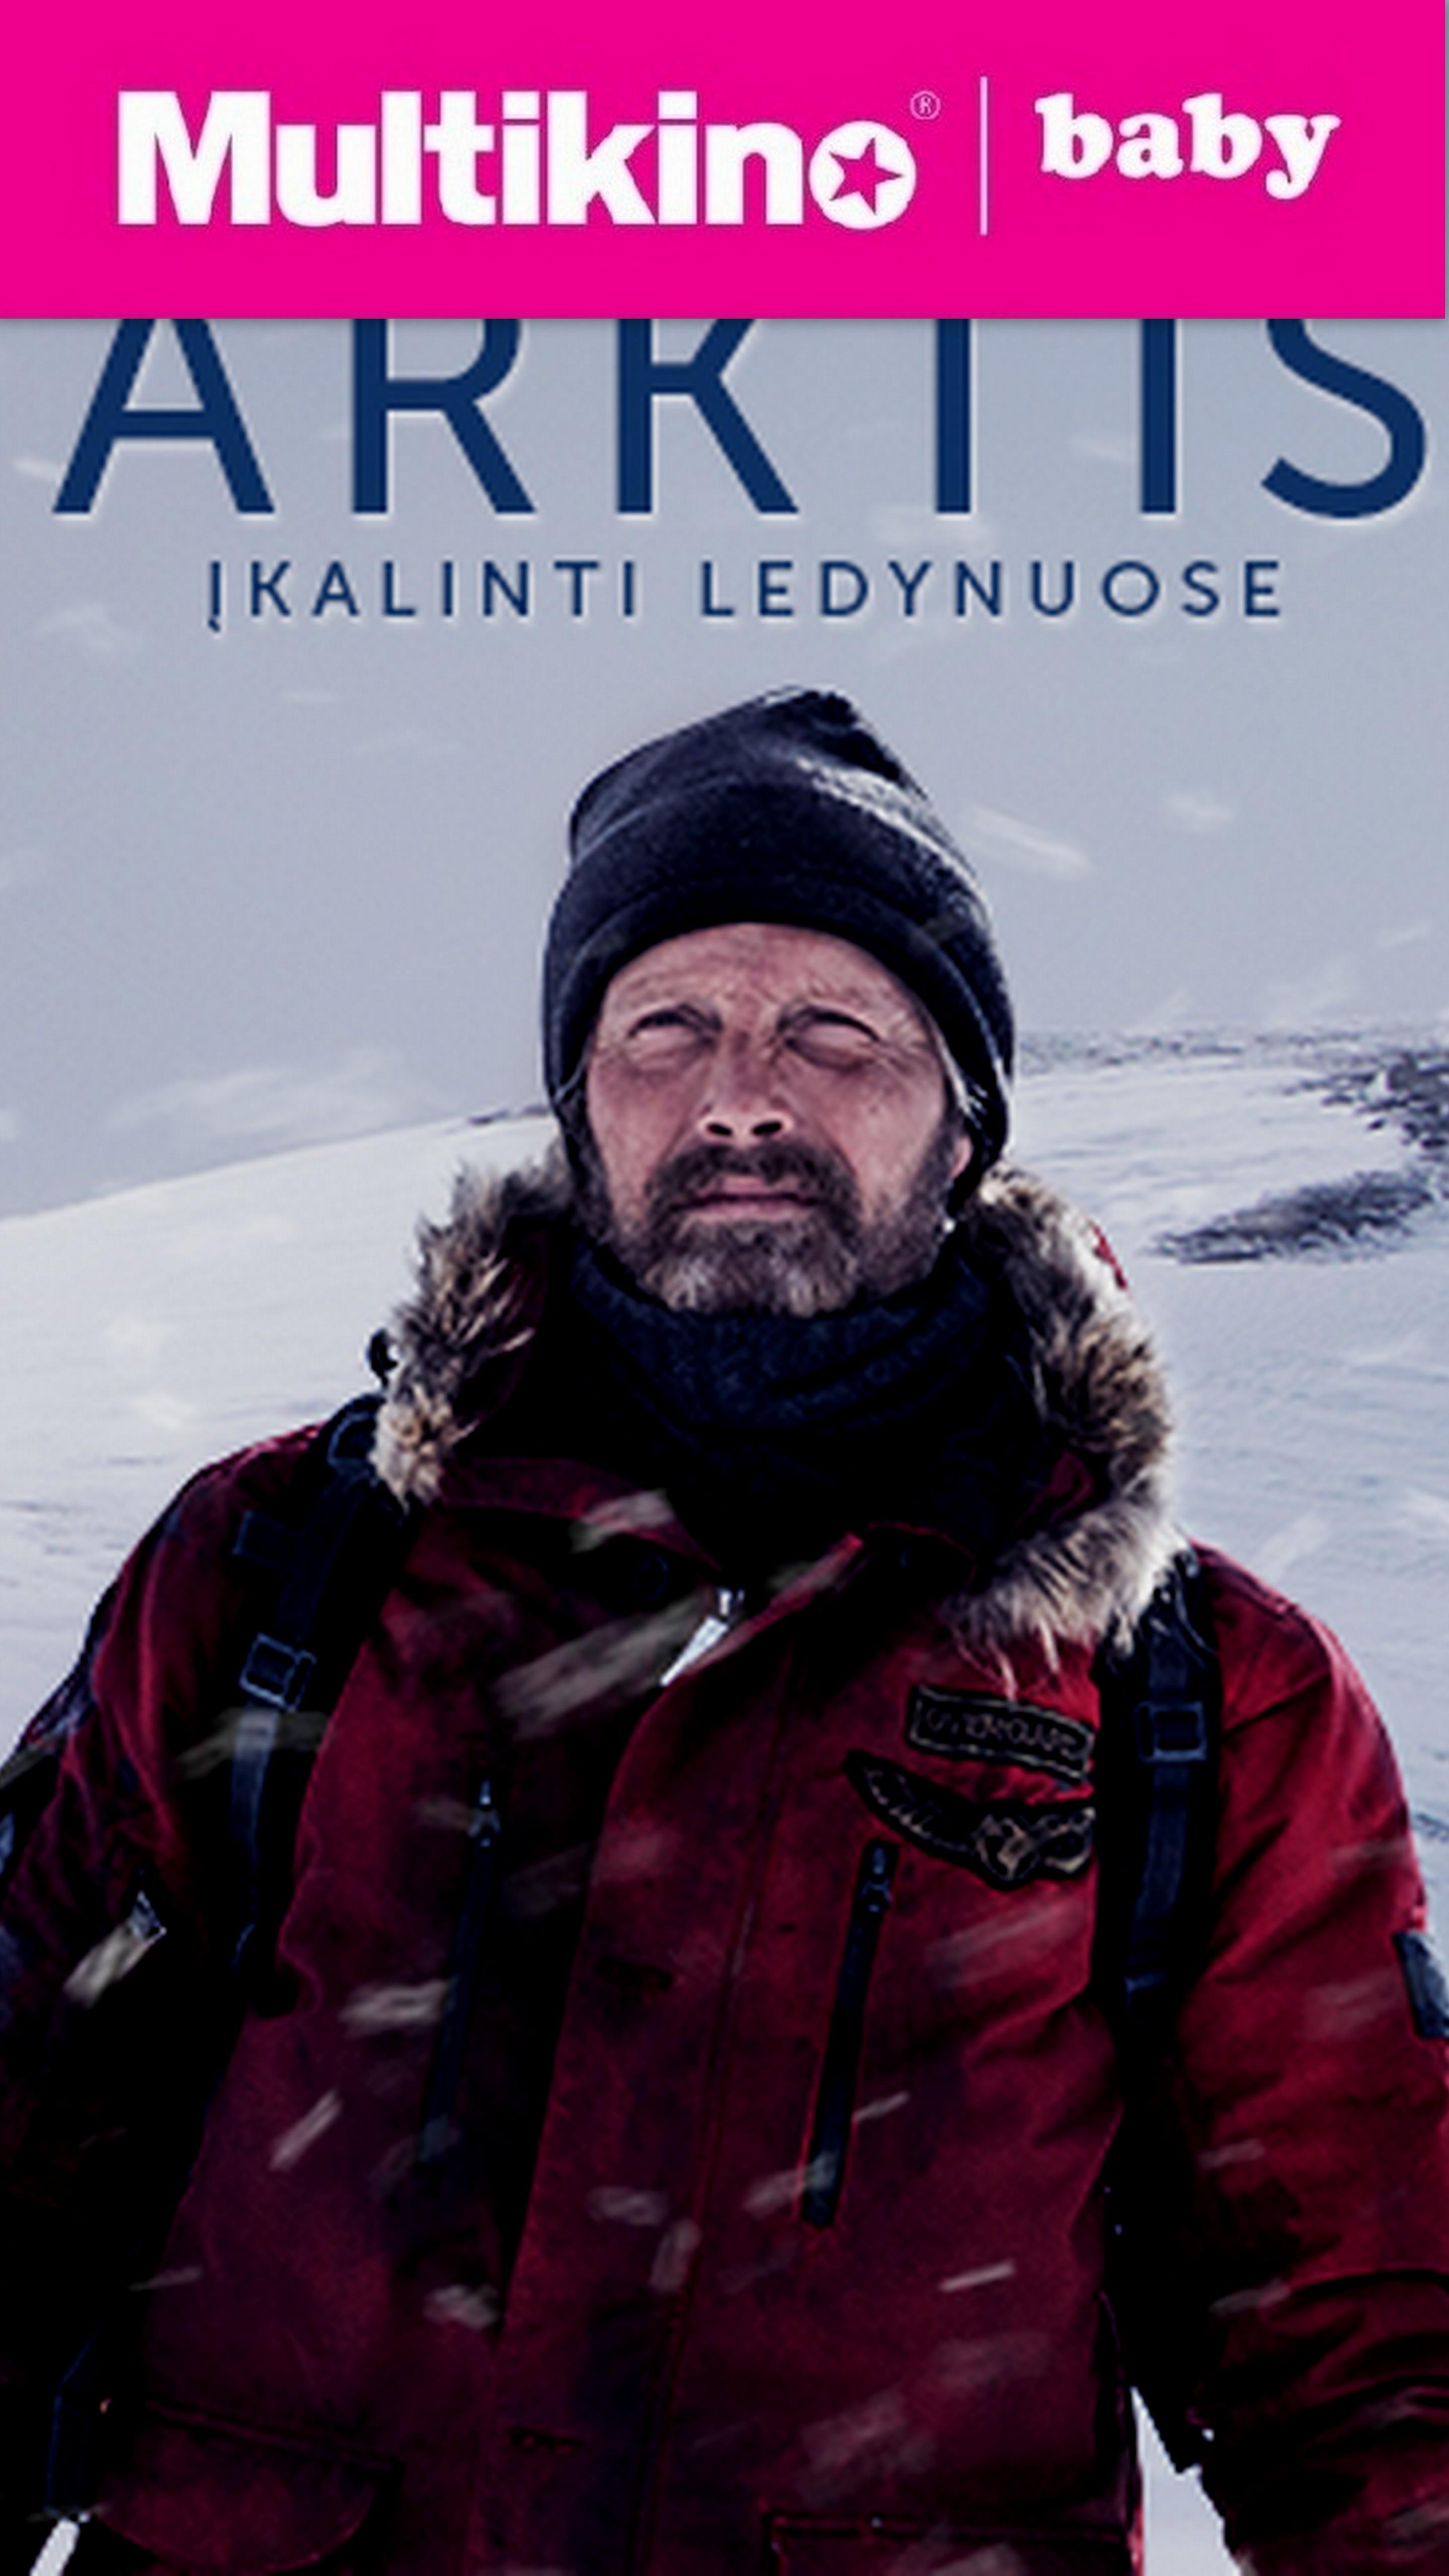 MultiBabyKino: Arktis. Įkalinti ledynuose (Arctic)